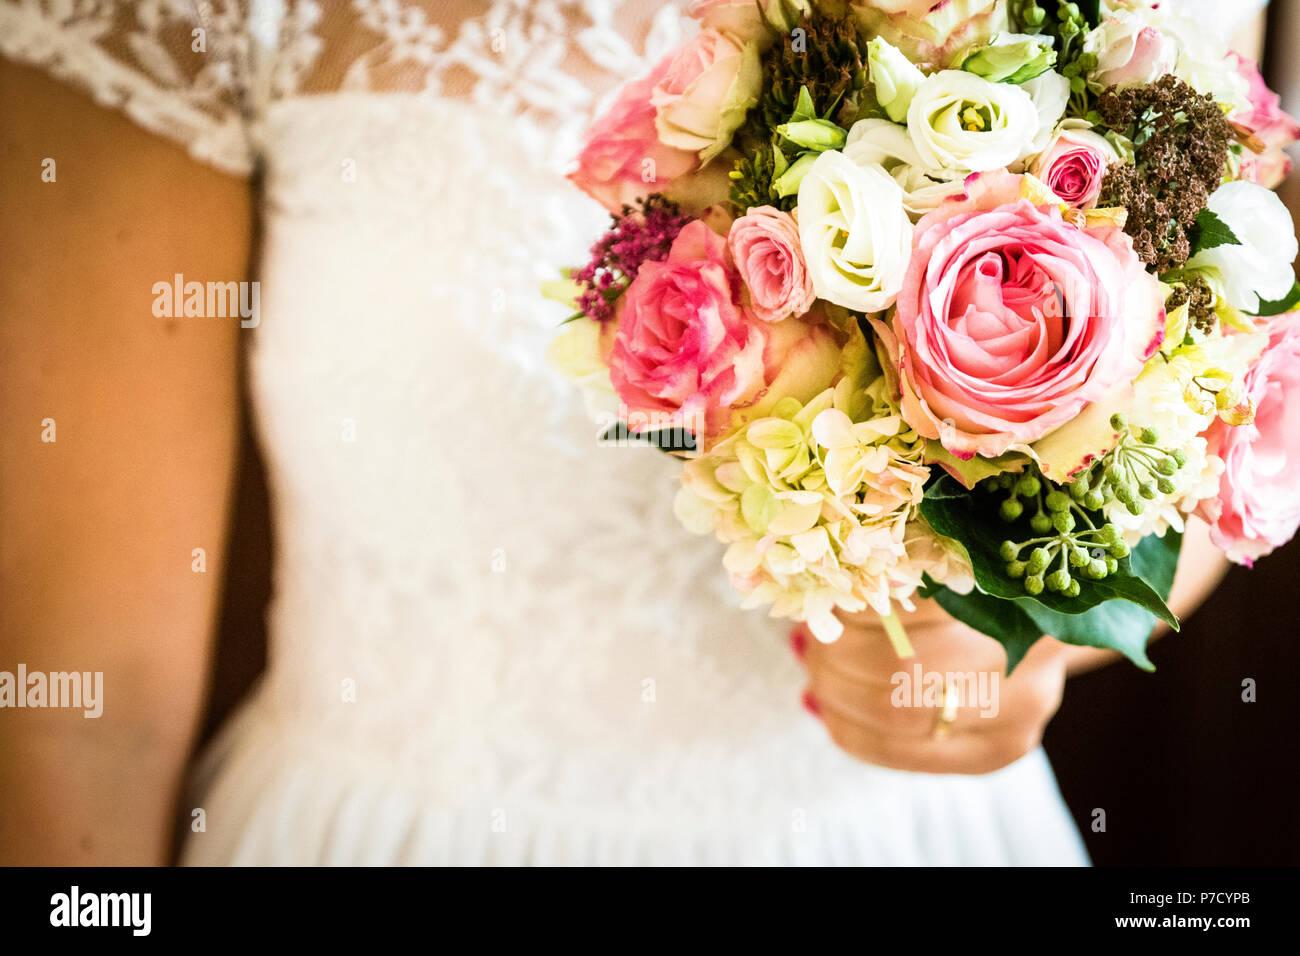 Ein Brautstrauss Fur Die Braut Am Tag Der Hochzeit Stockfoto Bild